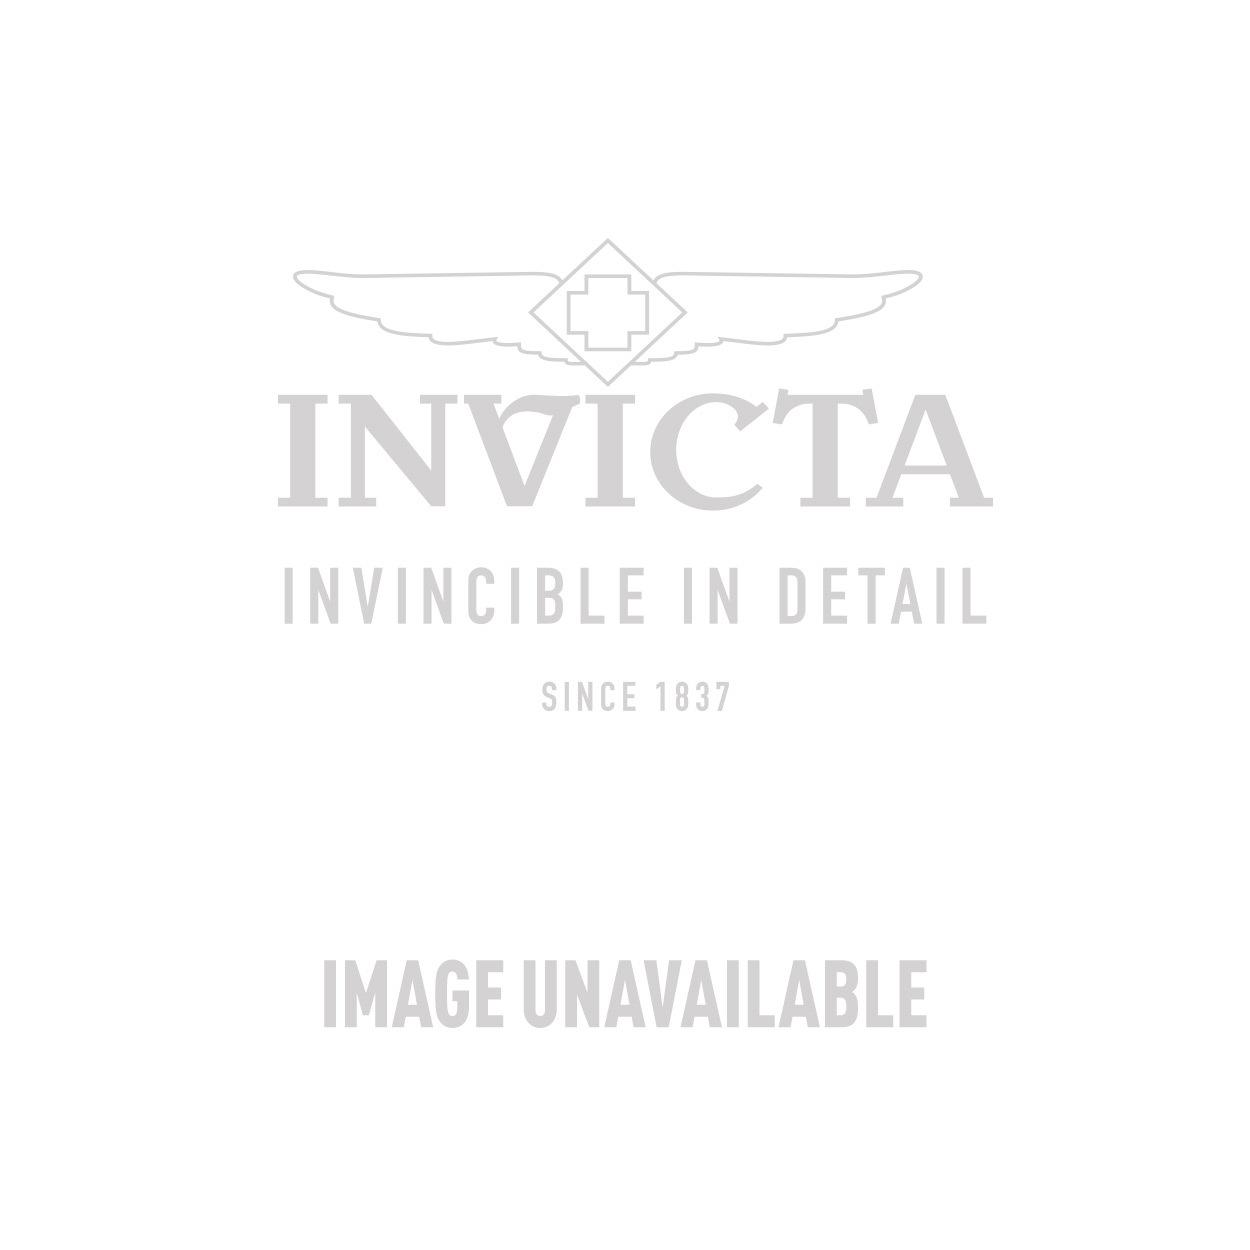 Invicta Model 25328